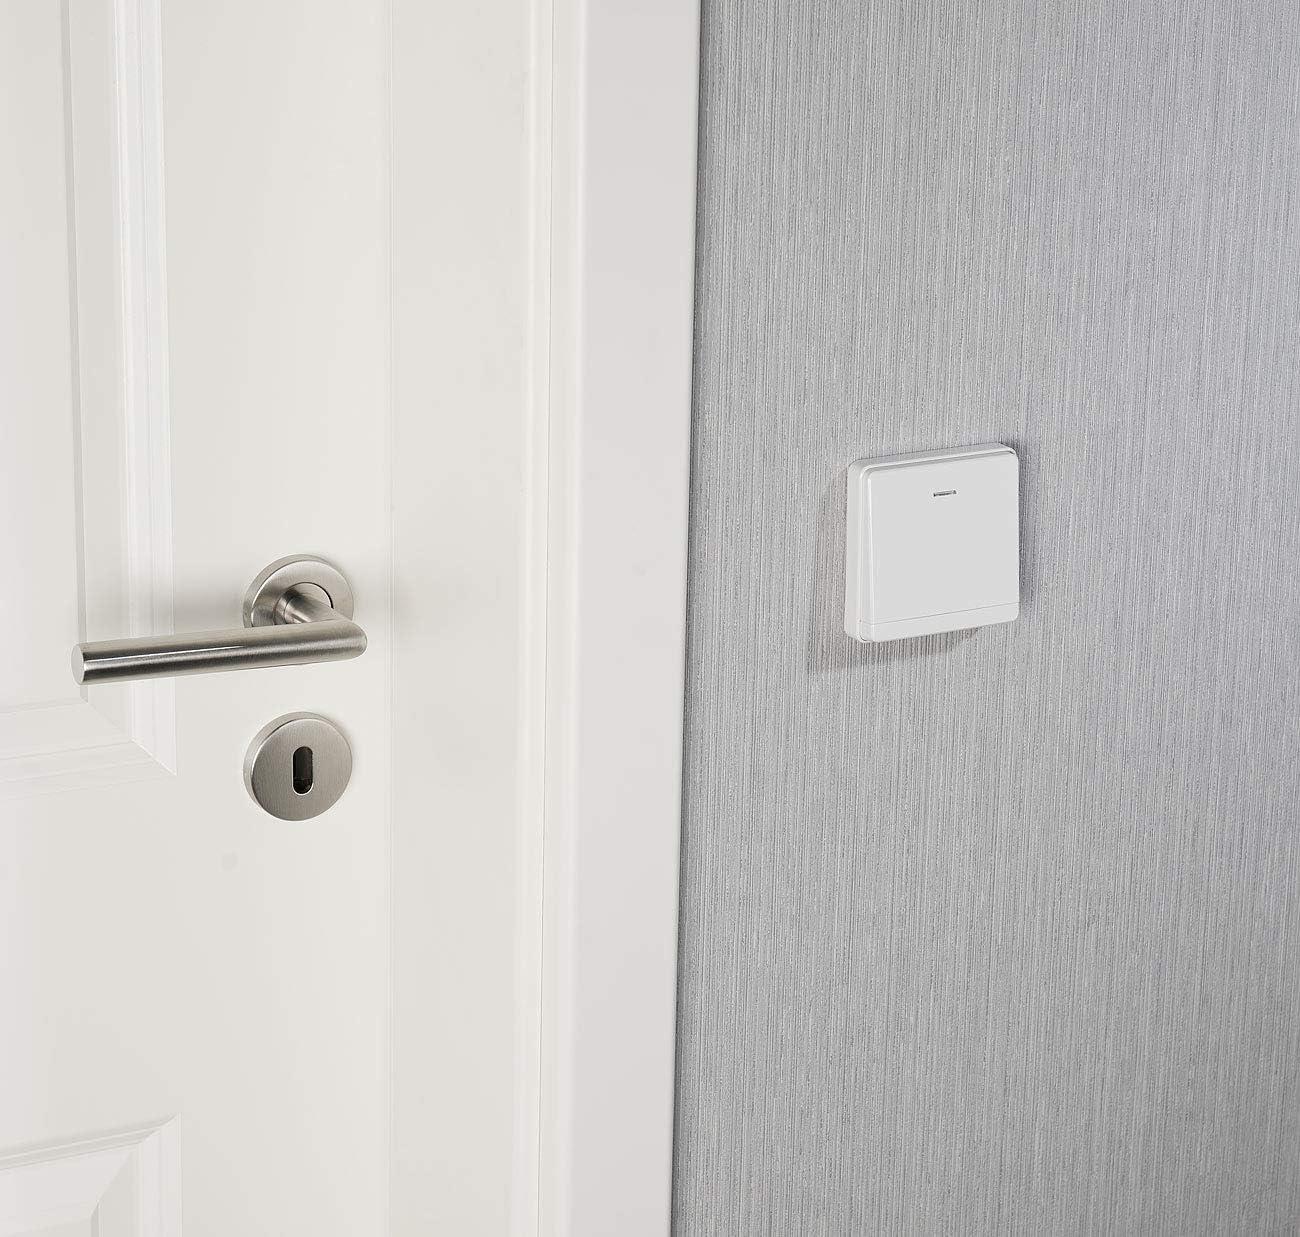 Casa Control R/écepteur sans fil encastrable 200/W avec interrupteur cin/étique